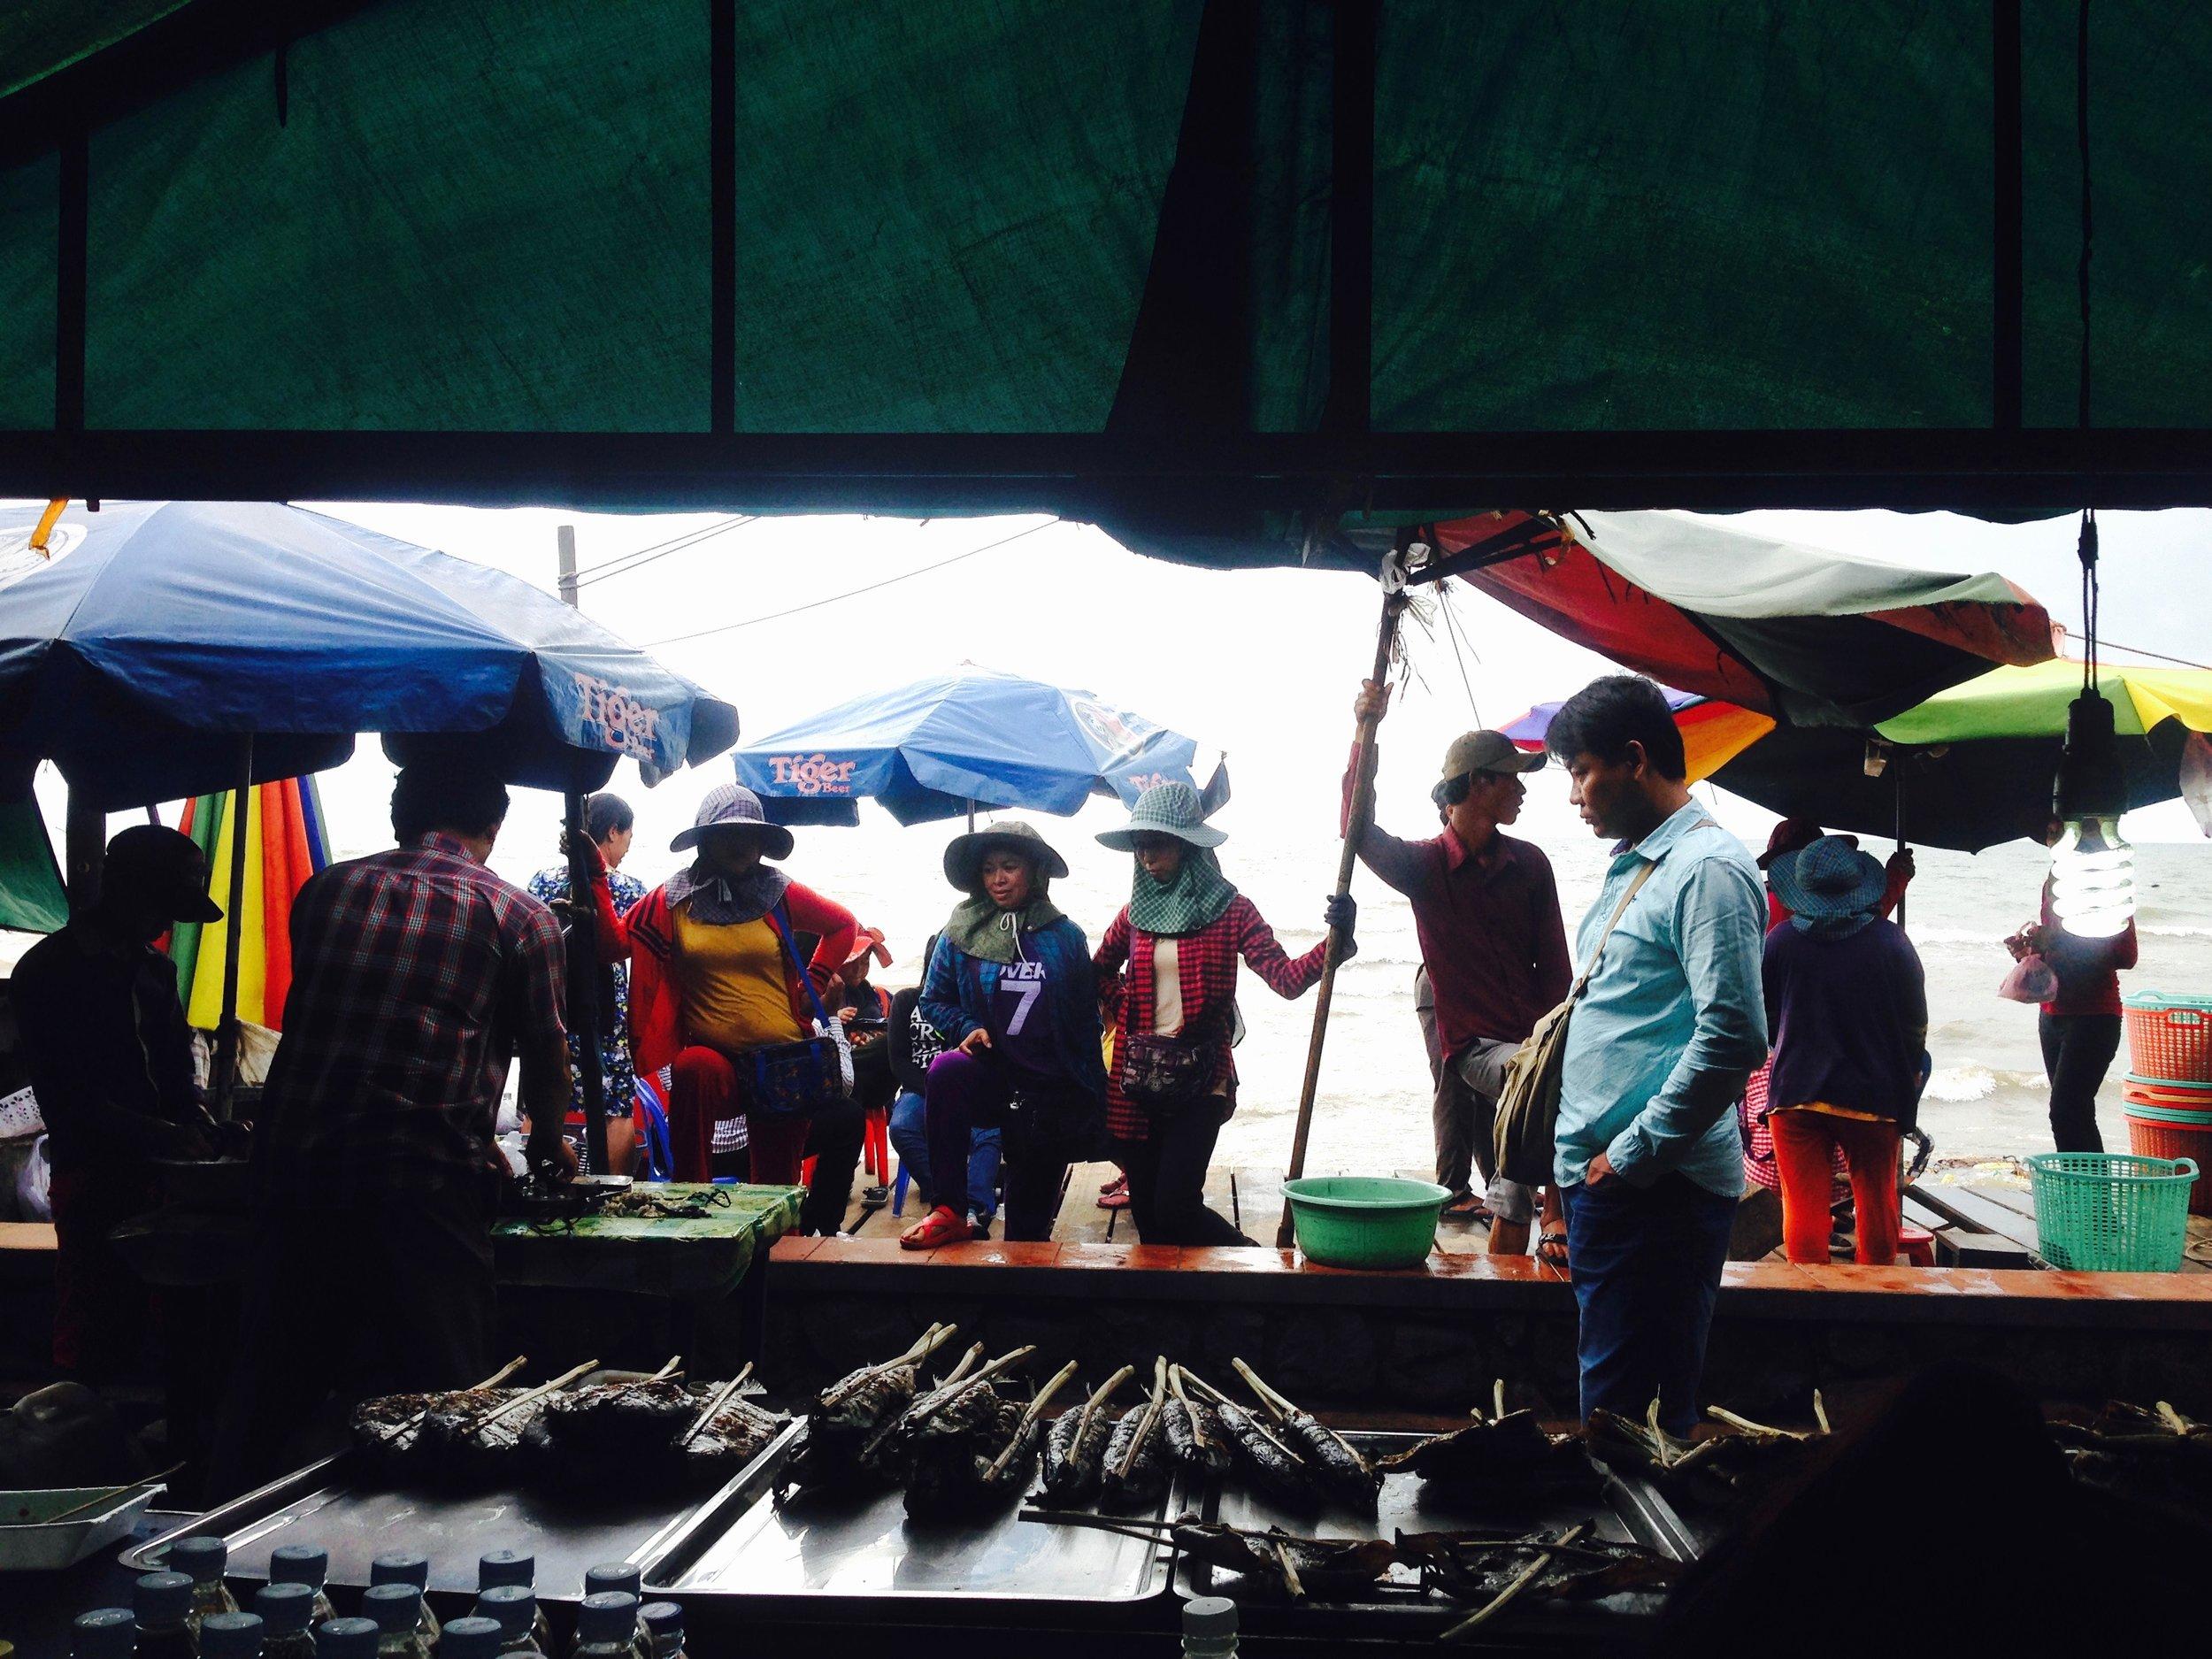 Crab market life